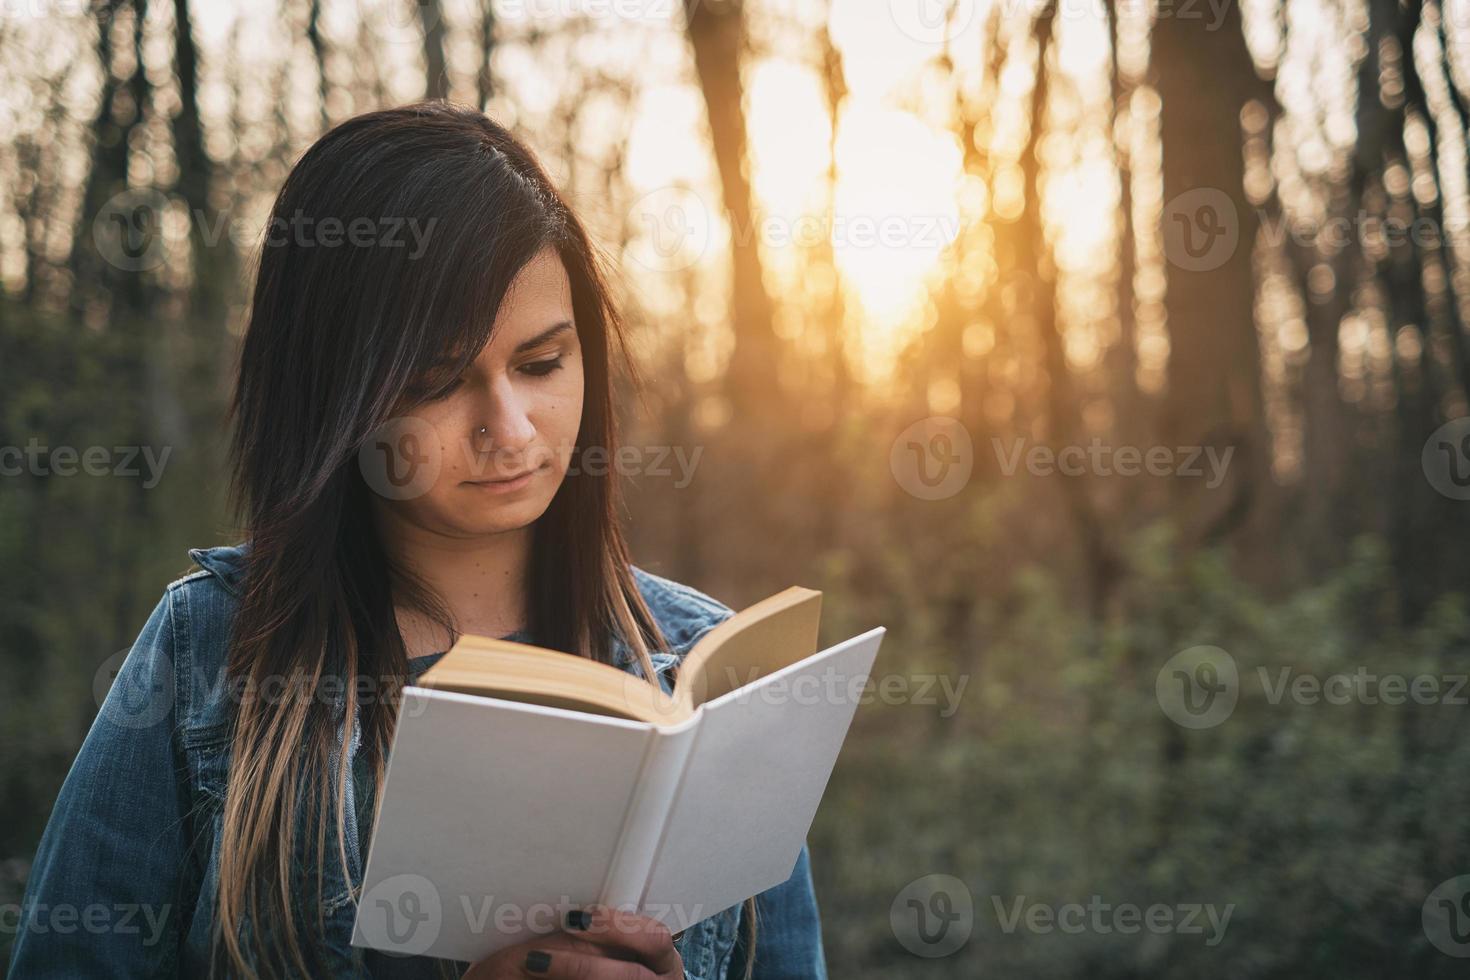 jeune fille lisant livre en plein air photo